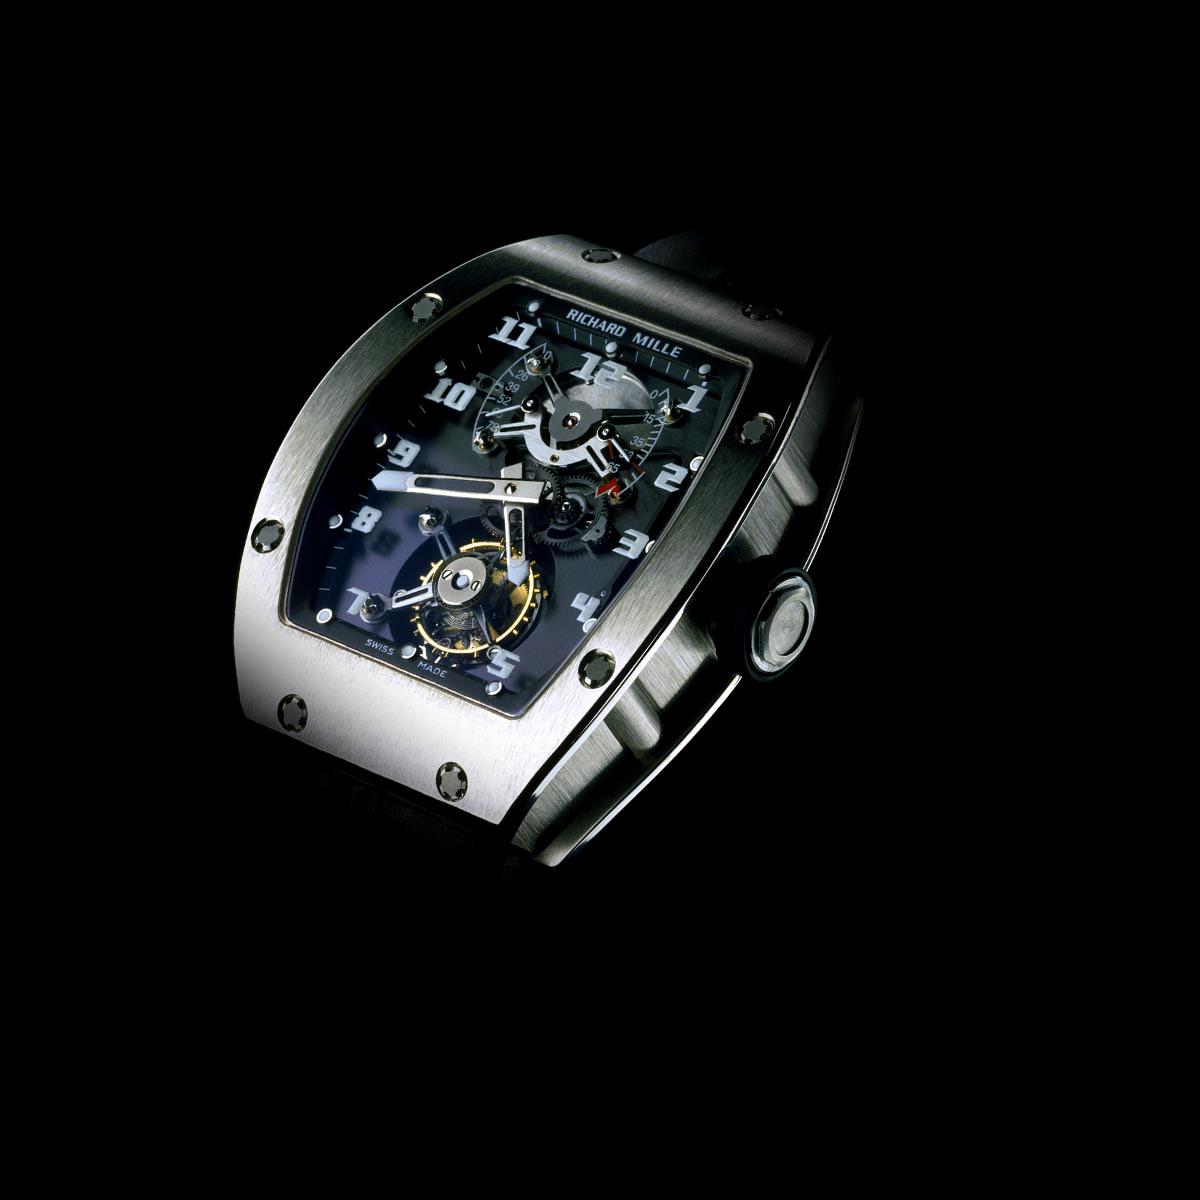 「RM001トゥールビヨン」のイメージ画像